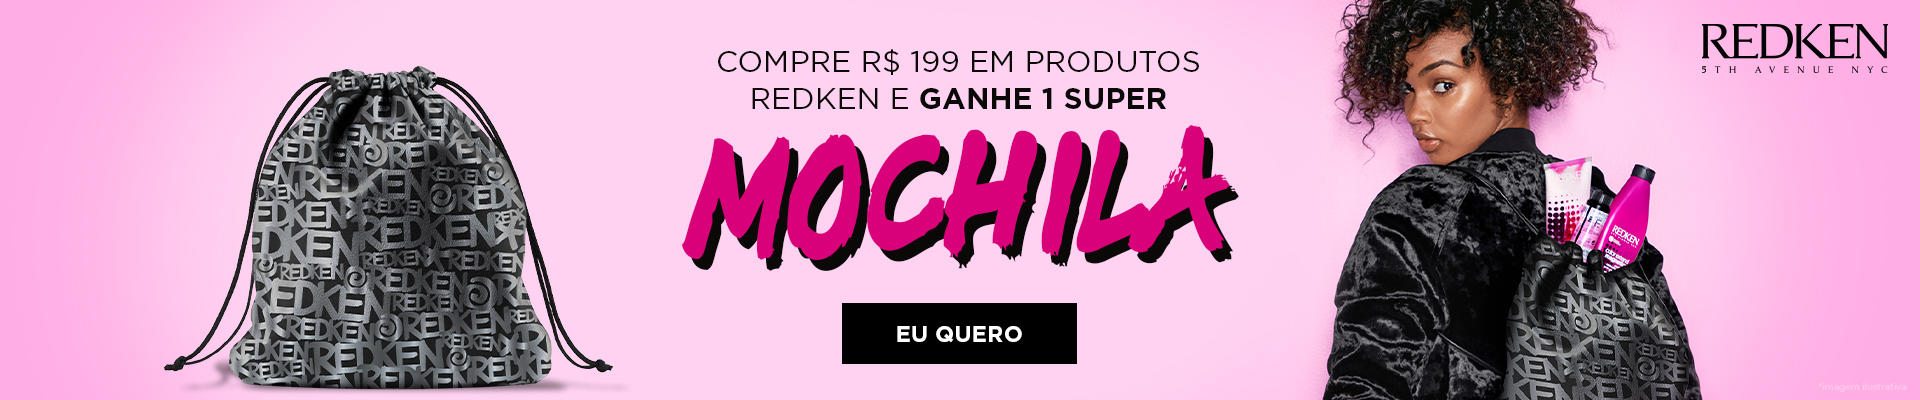 RDK - Mochila 199